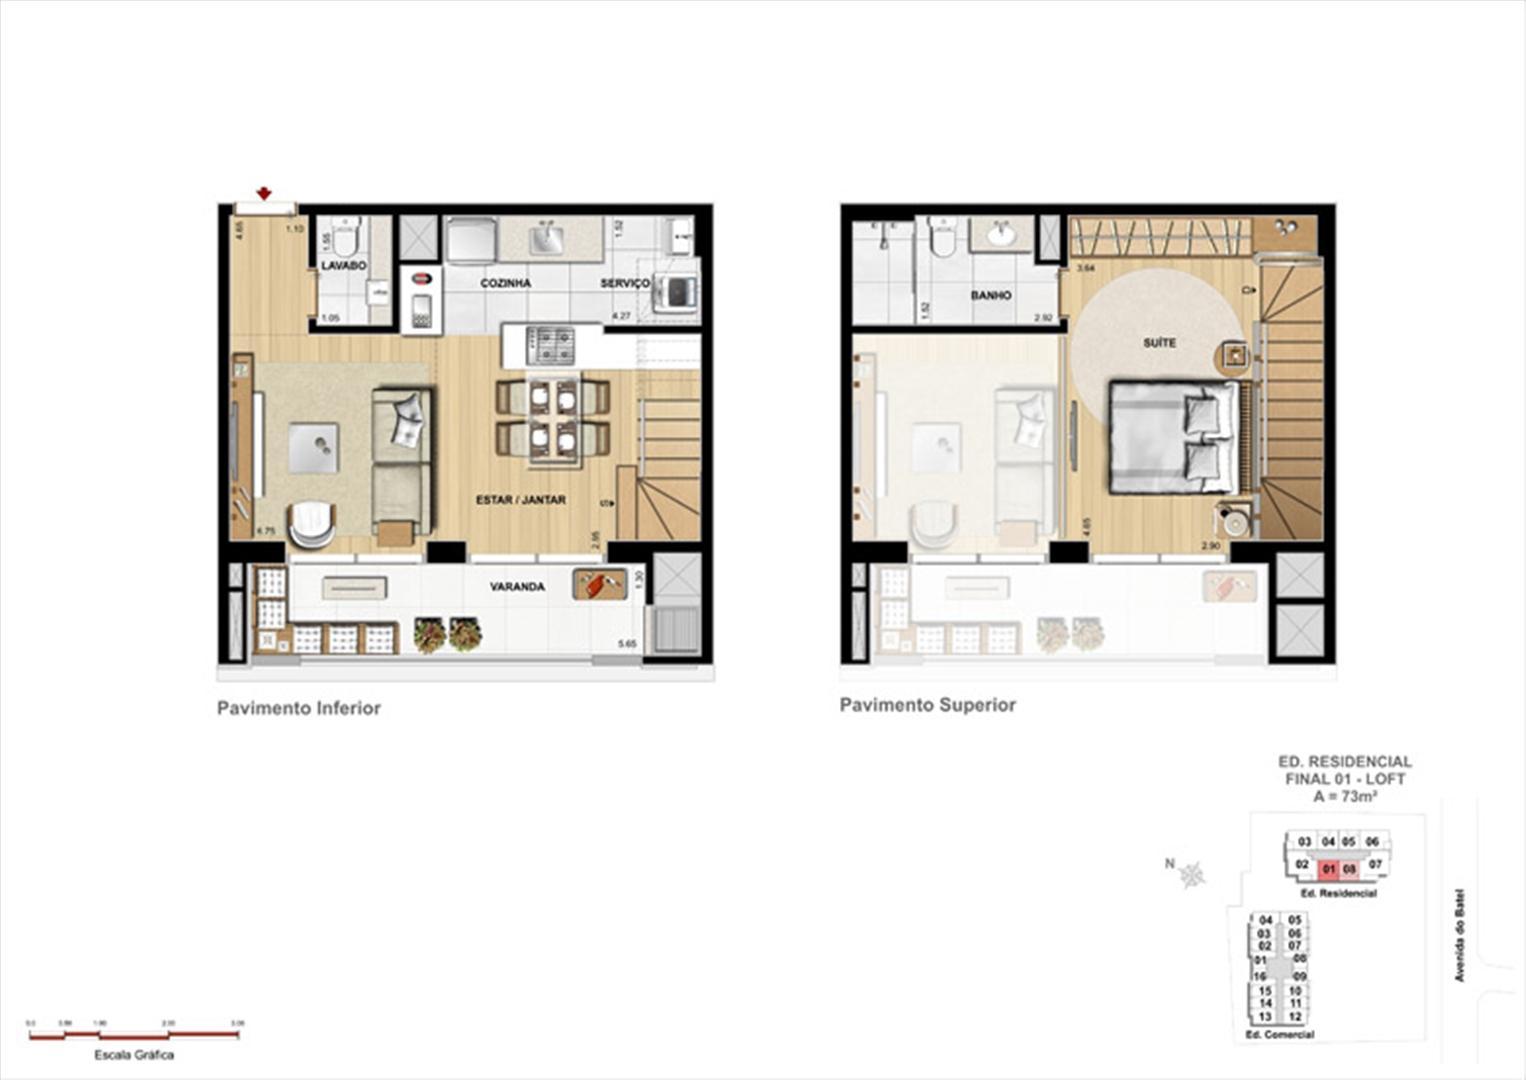 Loft - Pavimento Inferior e Pavimento Superior | 1550 Batel (Home Batel) – Apartamento no  Batel - Curitiba - Paraná